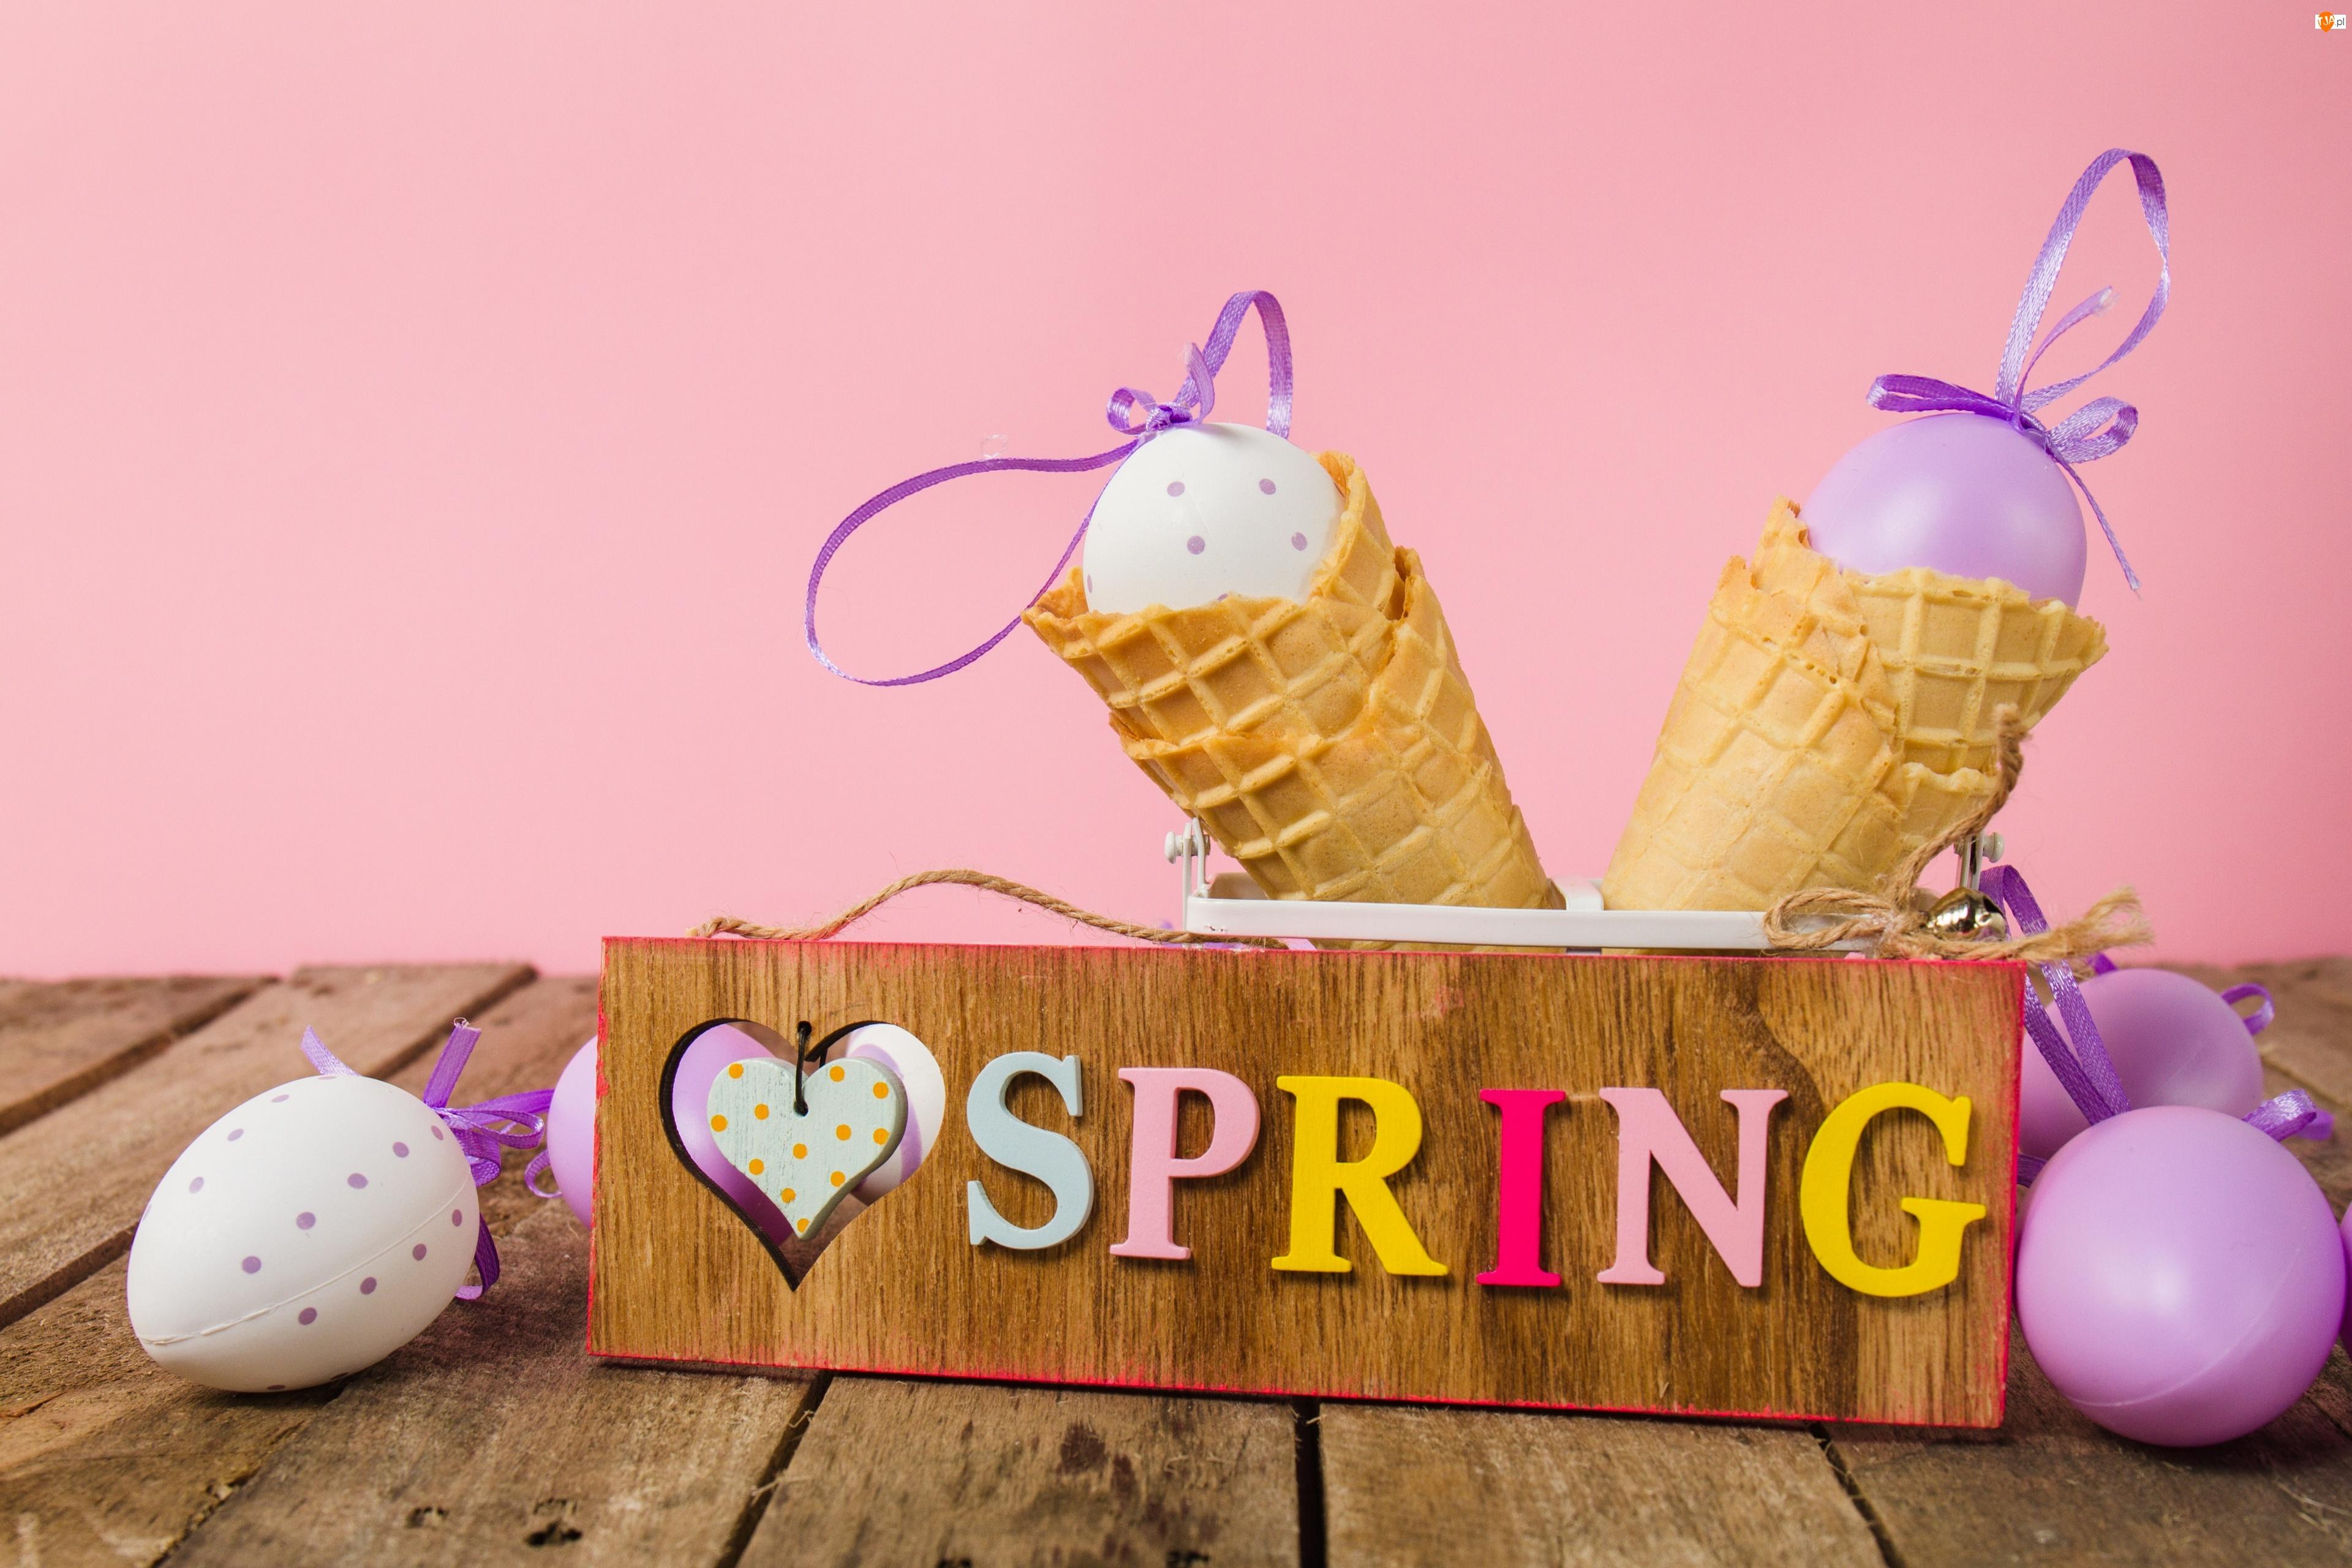 Spring, Wielkanoc, Napis, Wiosna, Wafelki